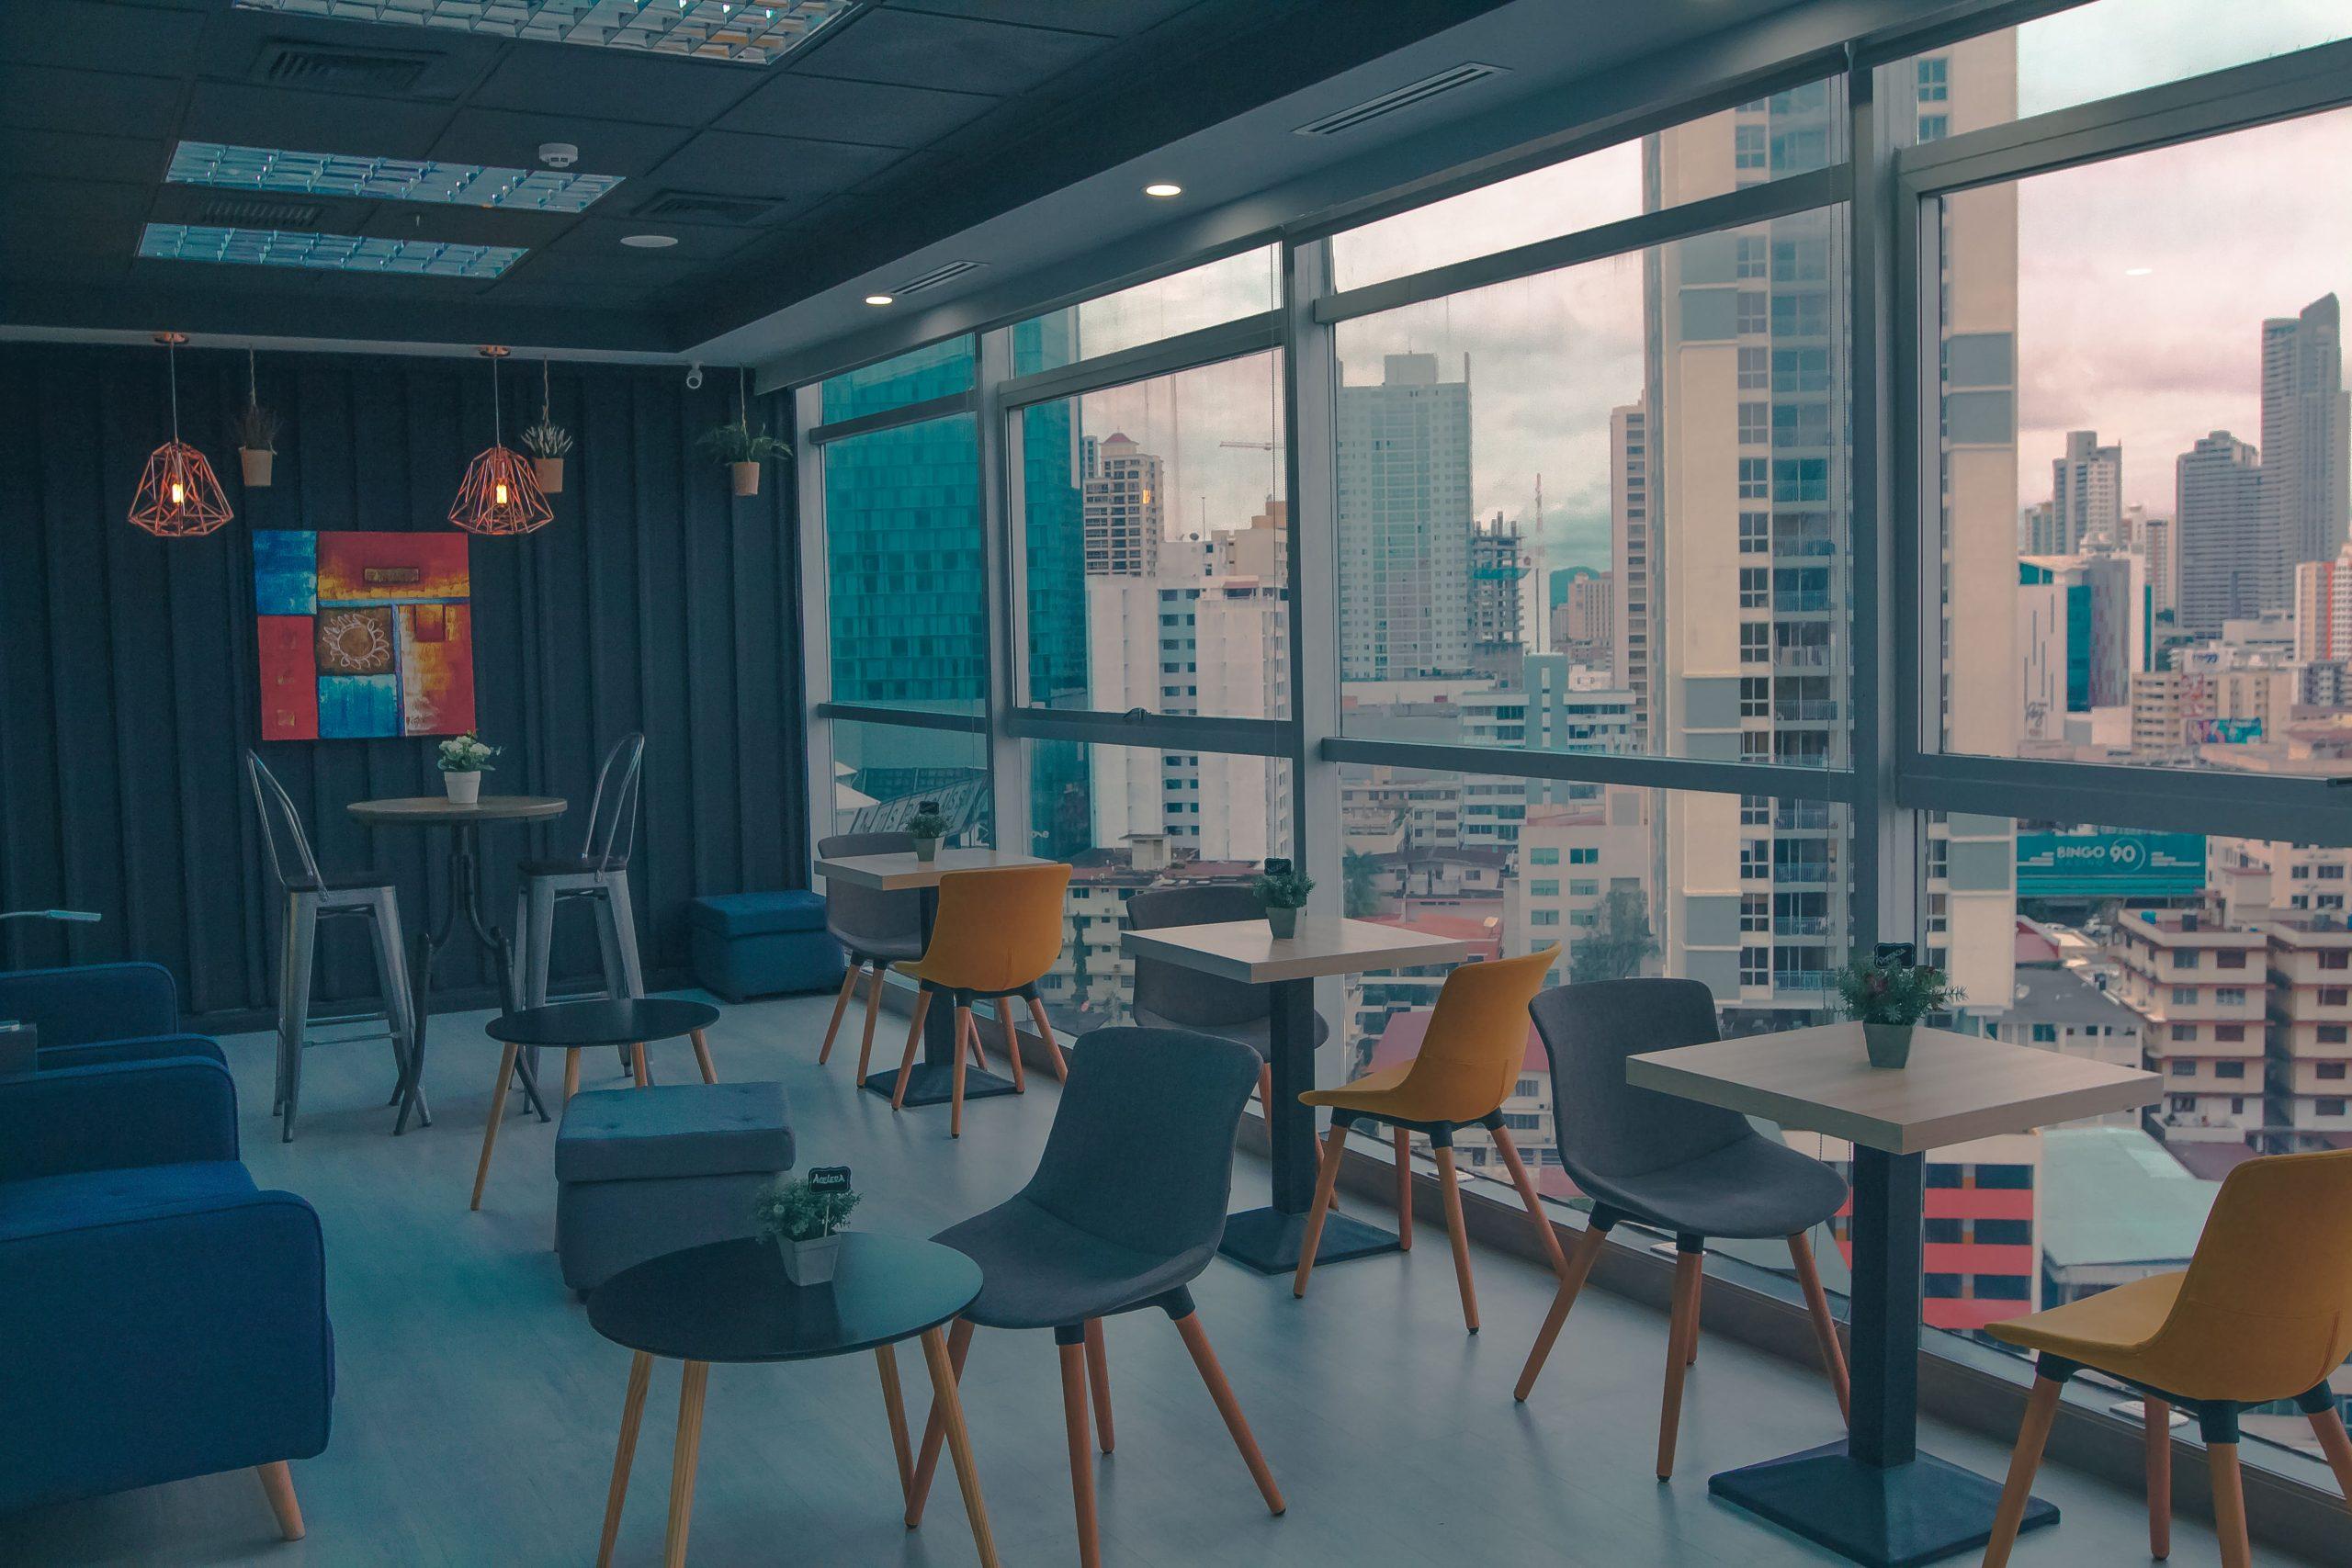 espacios de coworking en panama con spatium